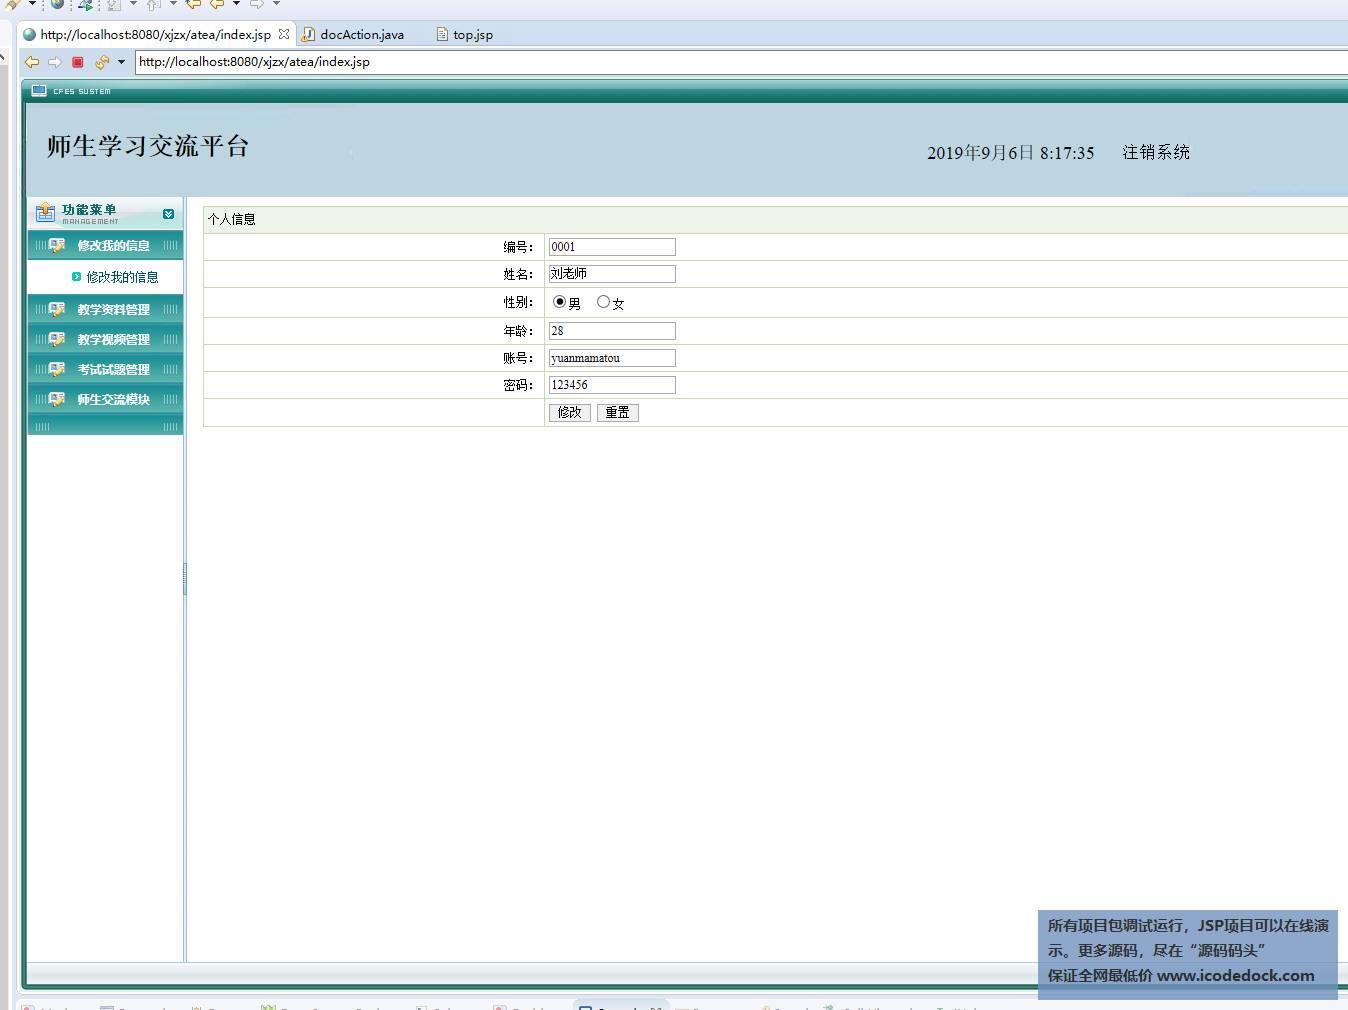 源码码头-JSP师生交流学习管理系统-教师角色-个人资料管理